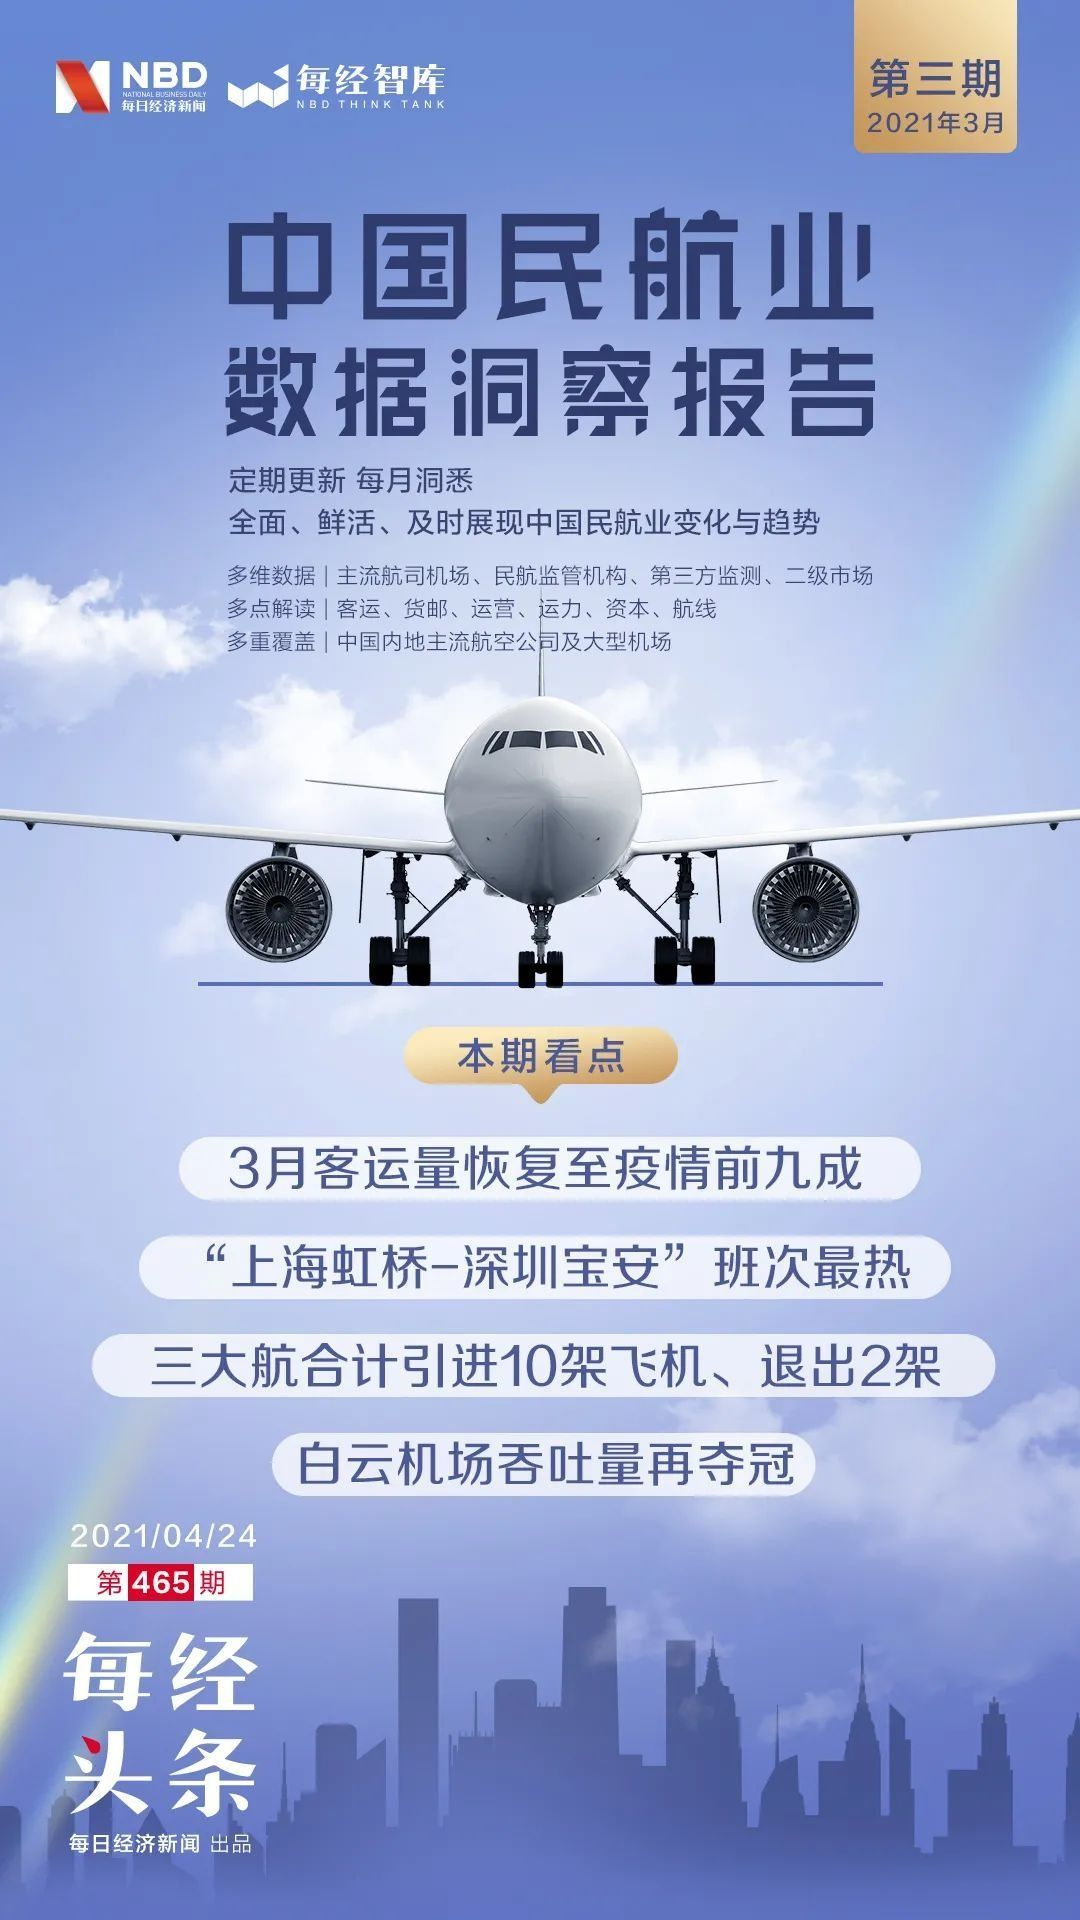 民航數據洞察 機場吞吐量:白雲機場再奪冠,浦東機場增長最快